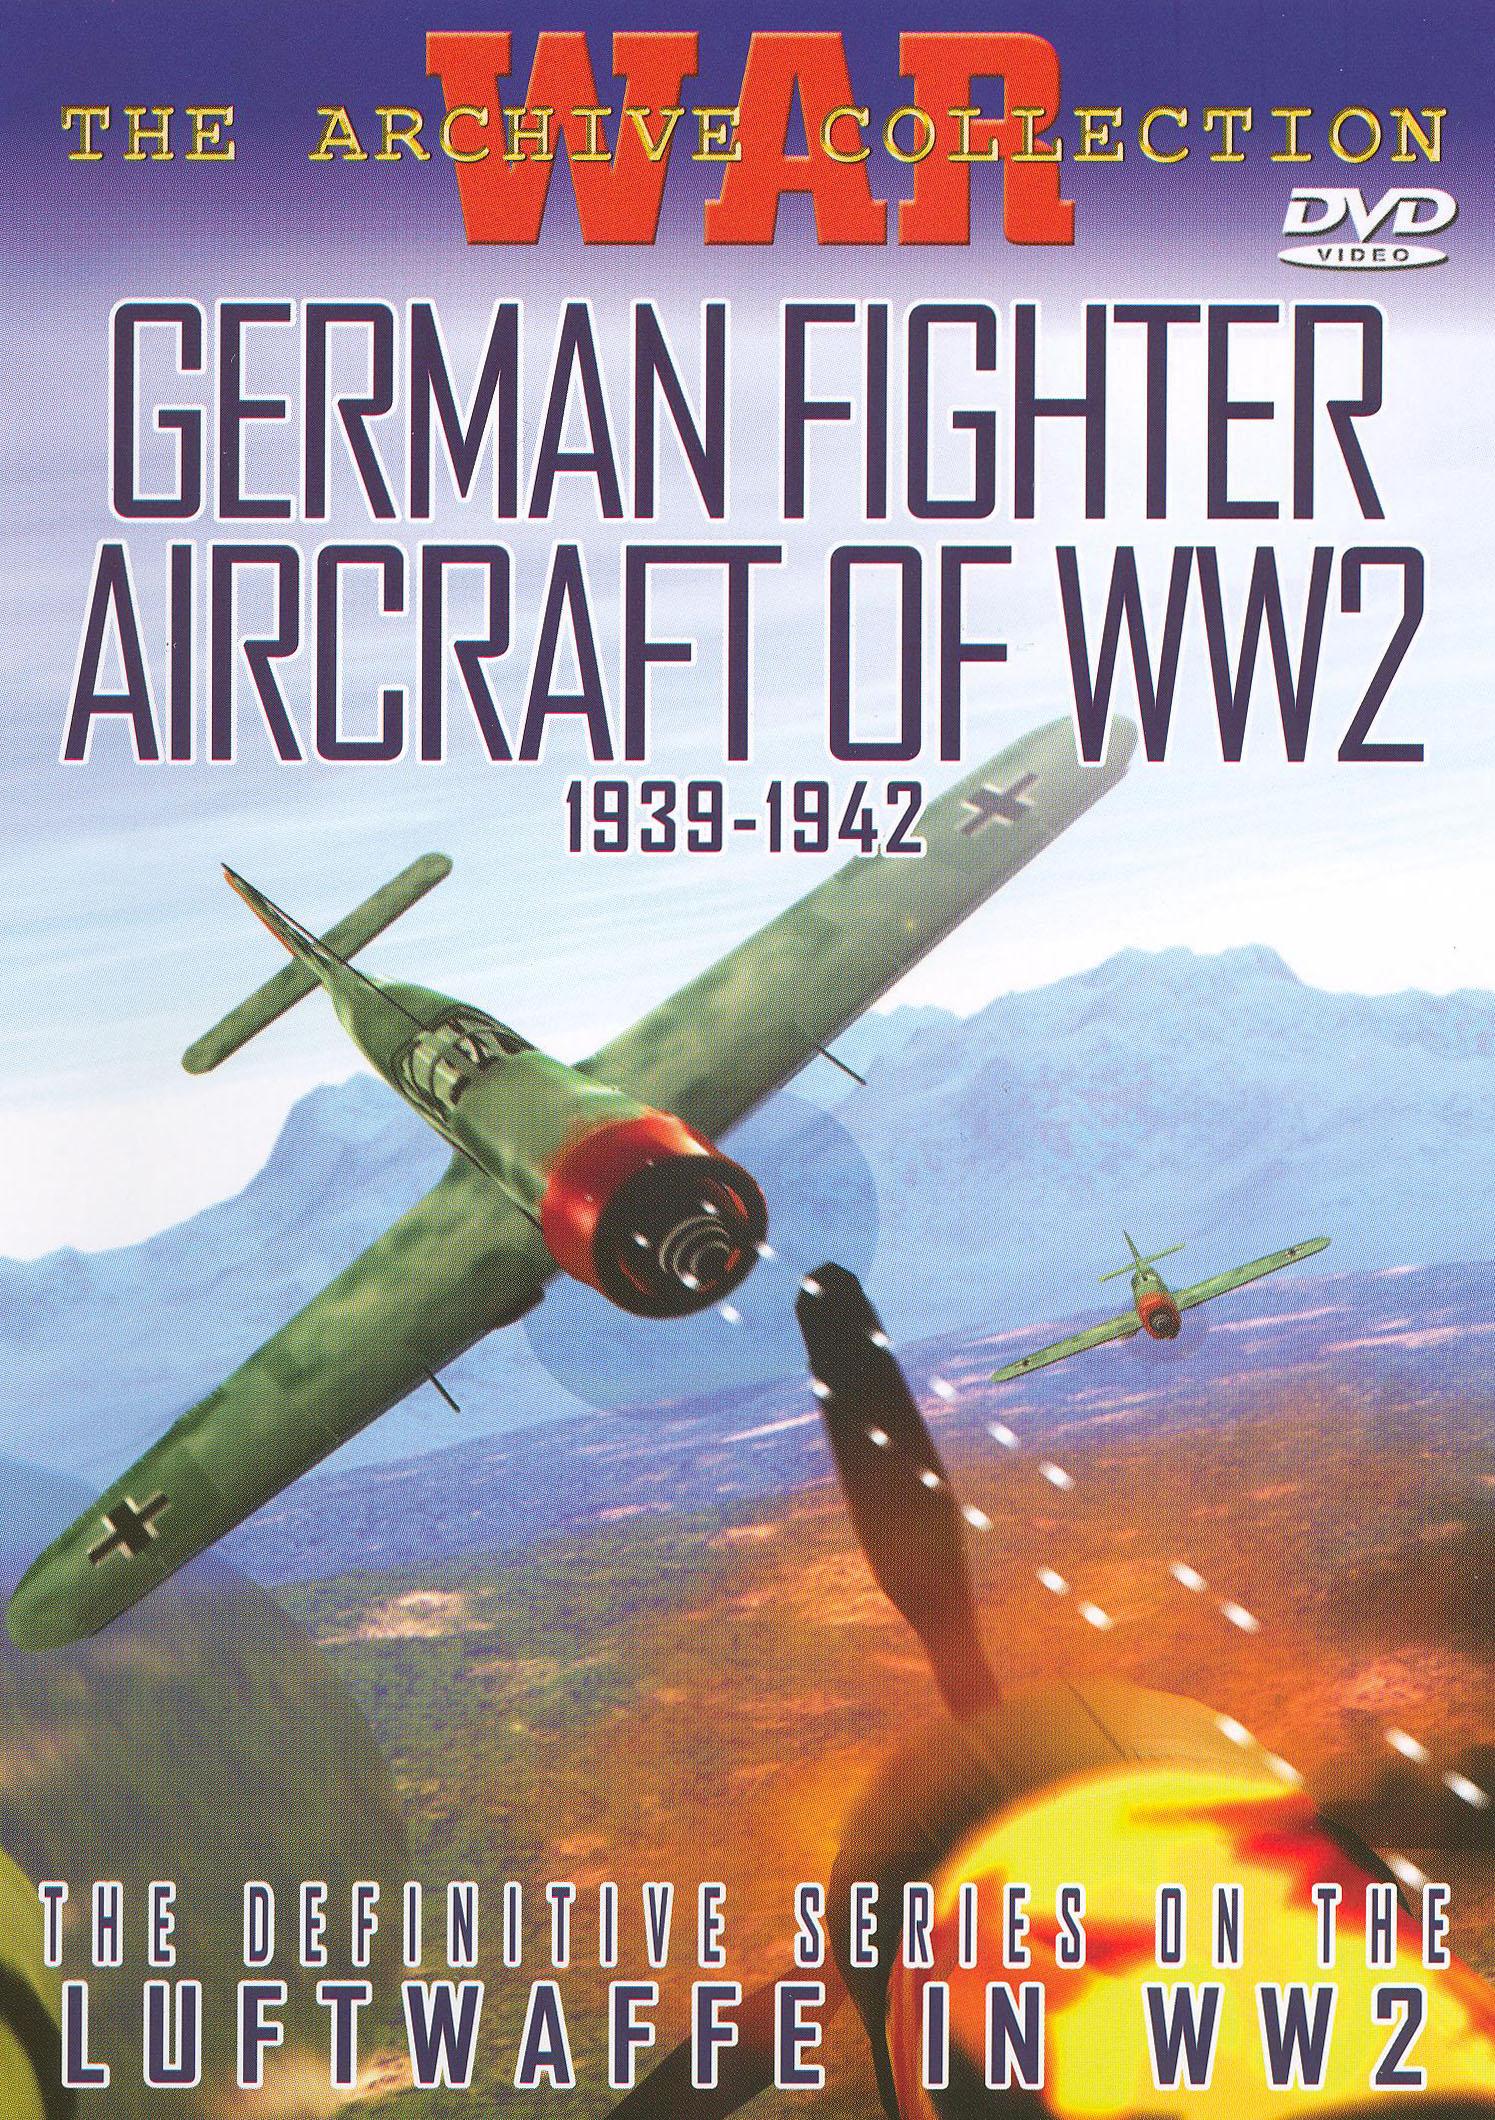 German Fighter Aircraft of World War 2: 1939-1942